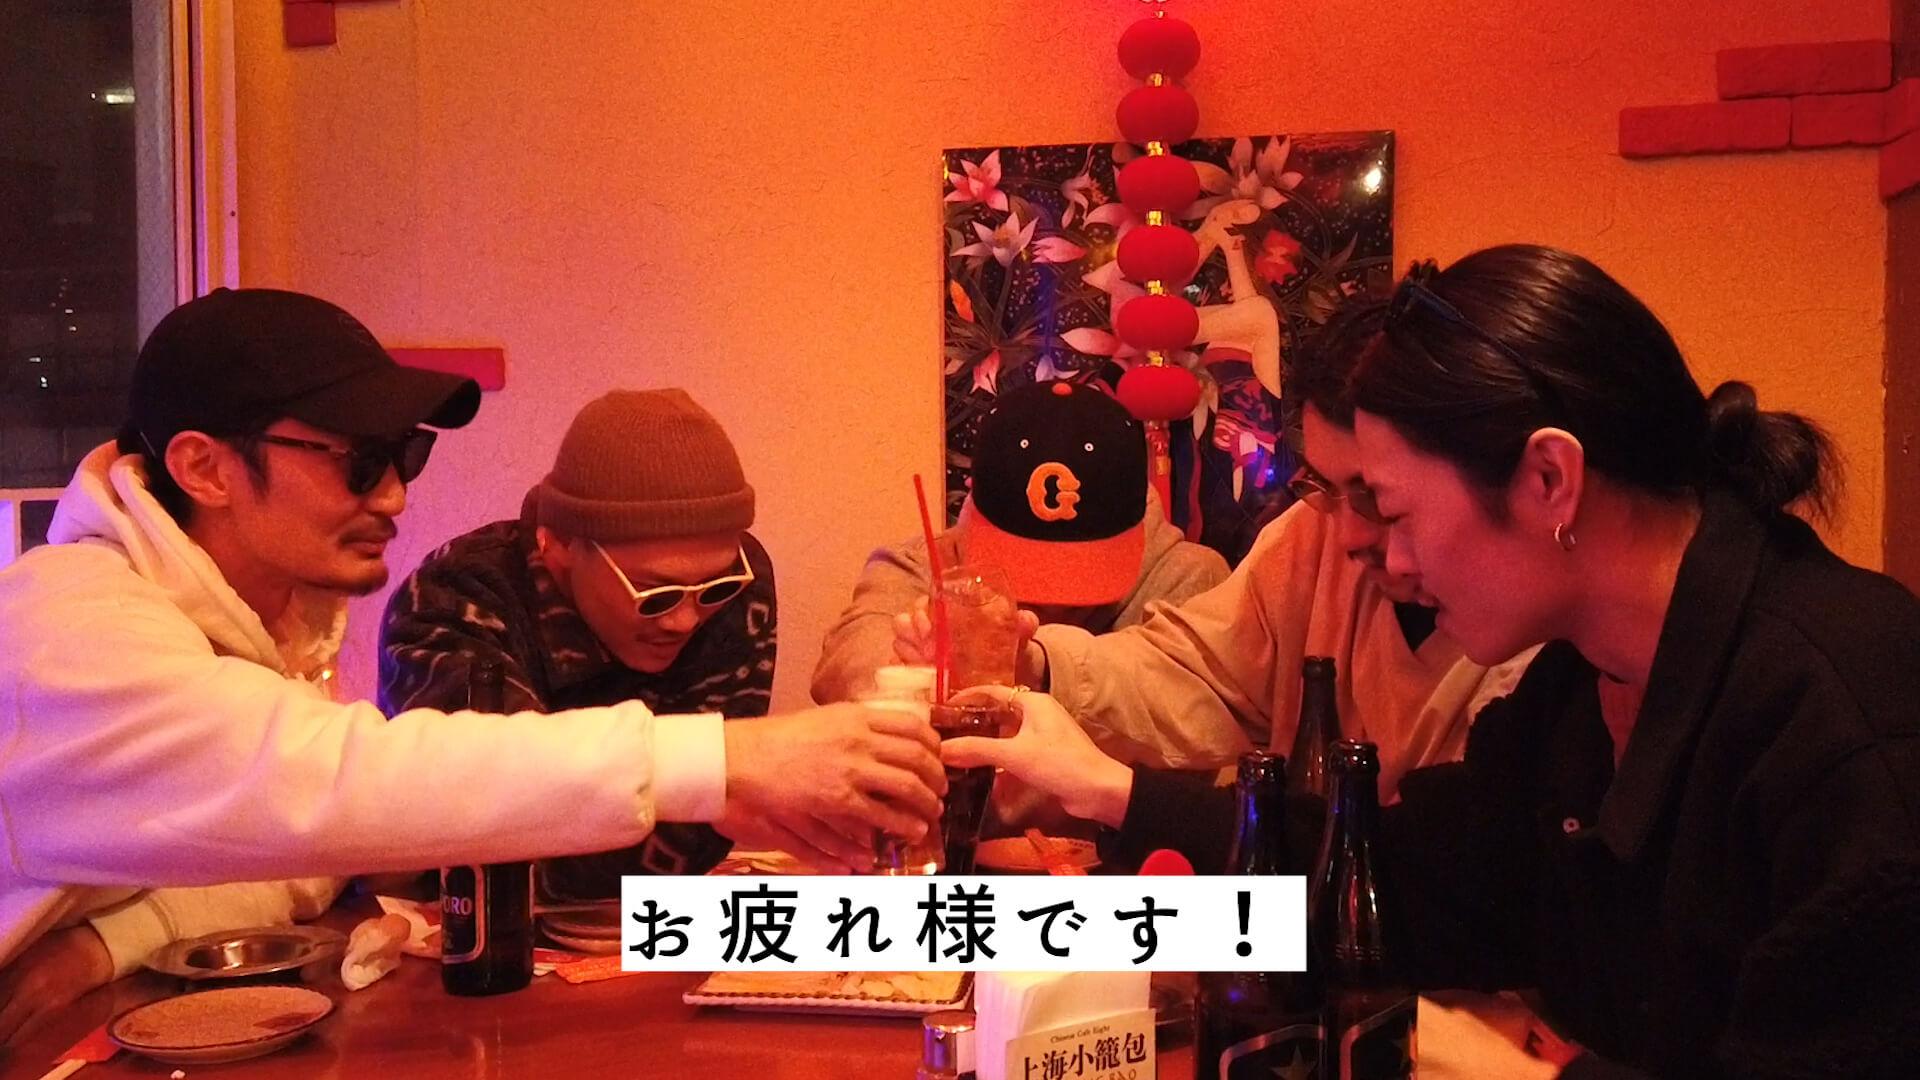 フッドめし - HoodFood #07 TOKYO HEALTH CLUB × Kick a Show video200321_hoodfood7_4